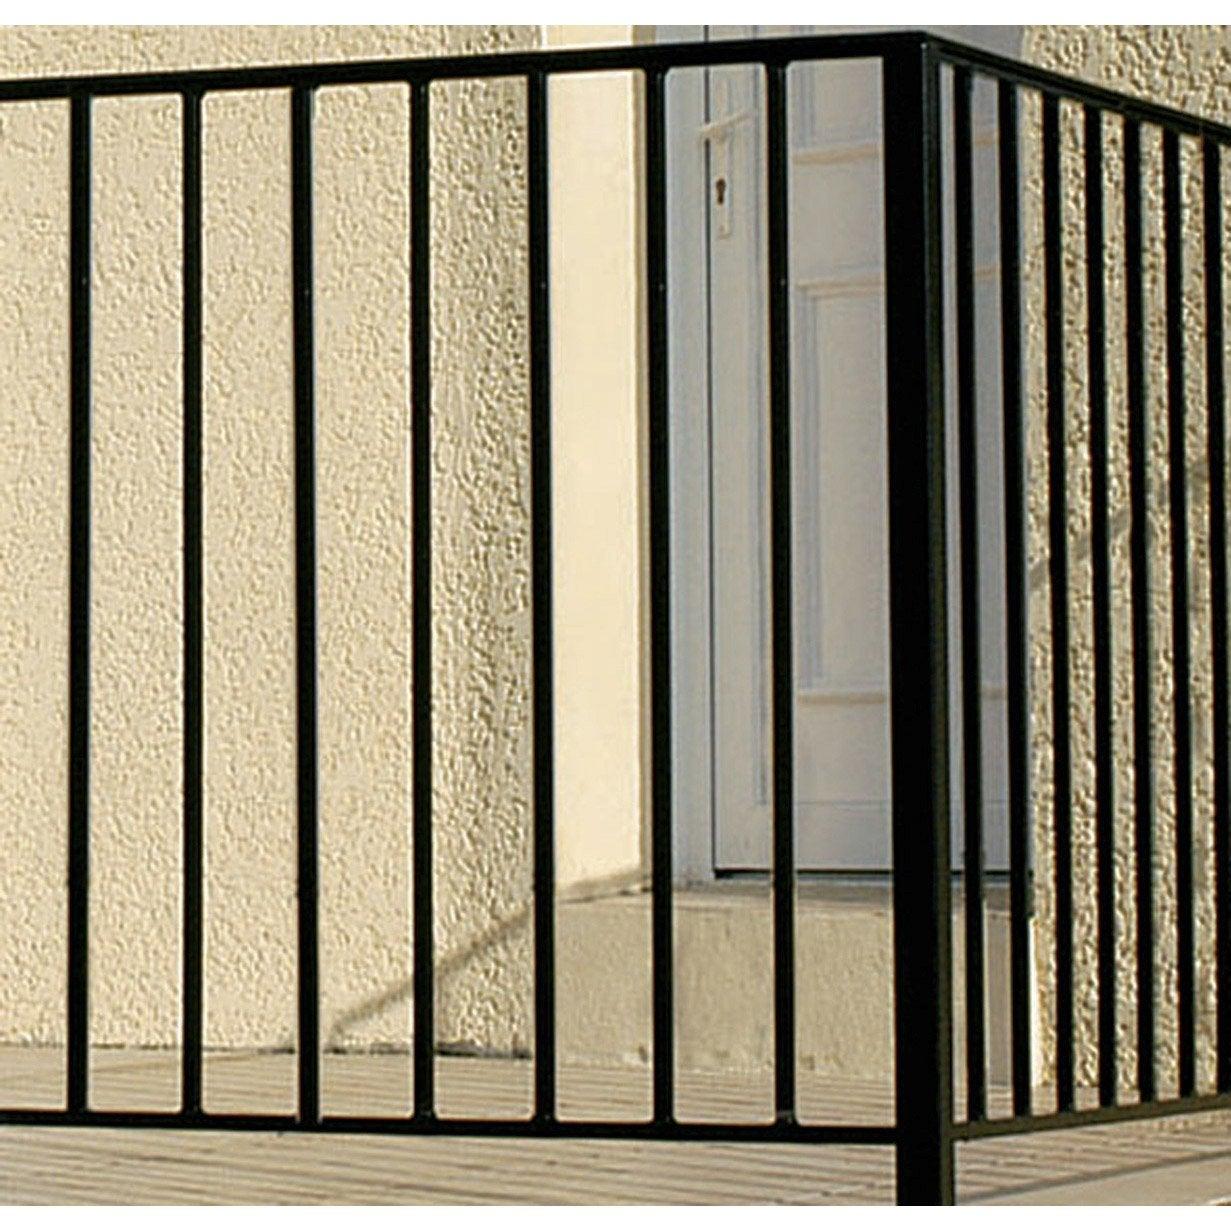 Meilleur de tous Garde-corps pour balcon en fer prépeint Levant, haut. 97cm x larg  MU81